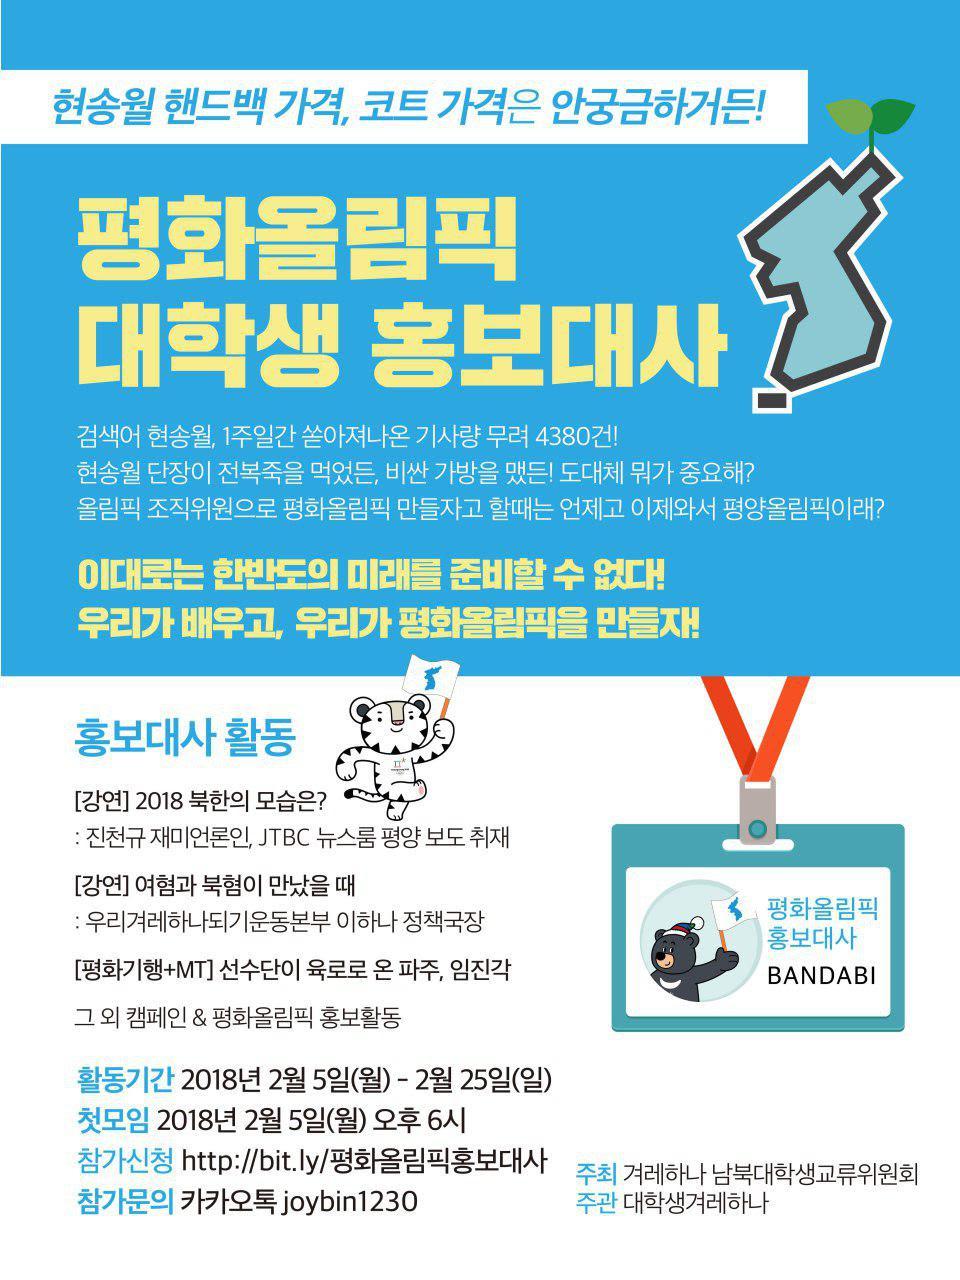 [대학생겨례하나] 평화올림픽 대학생 홍보대사 모집